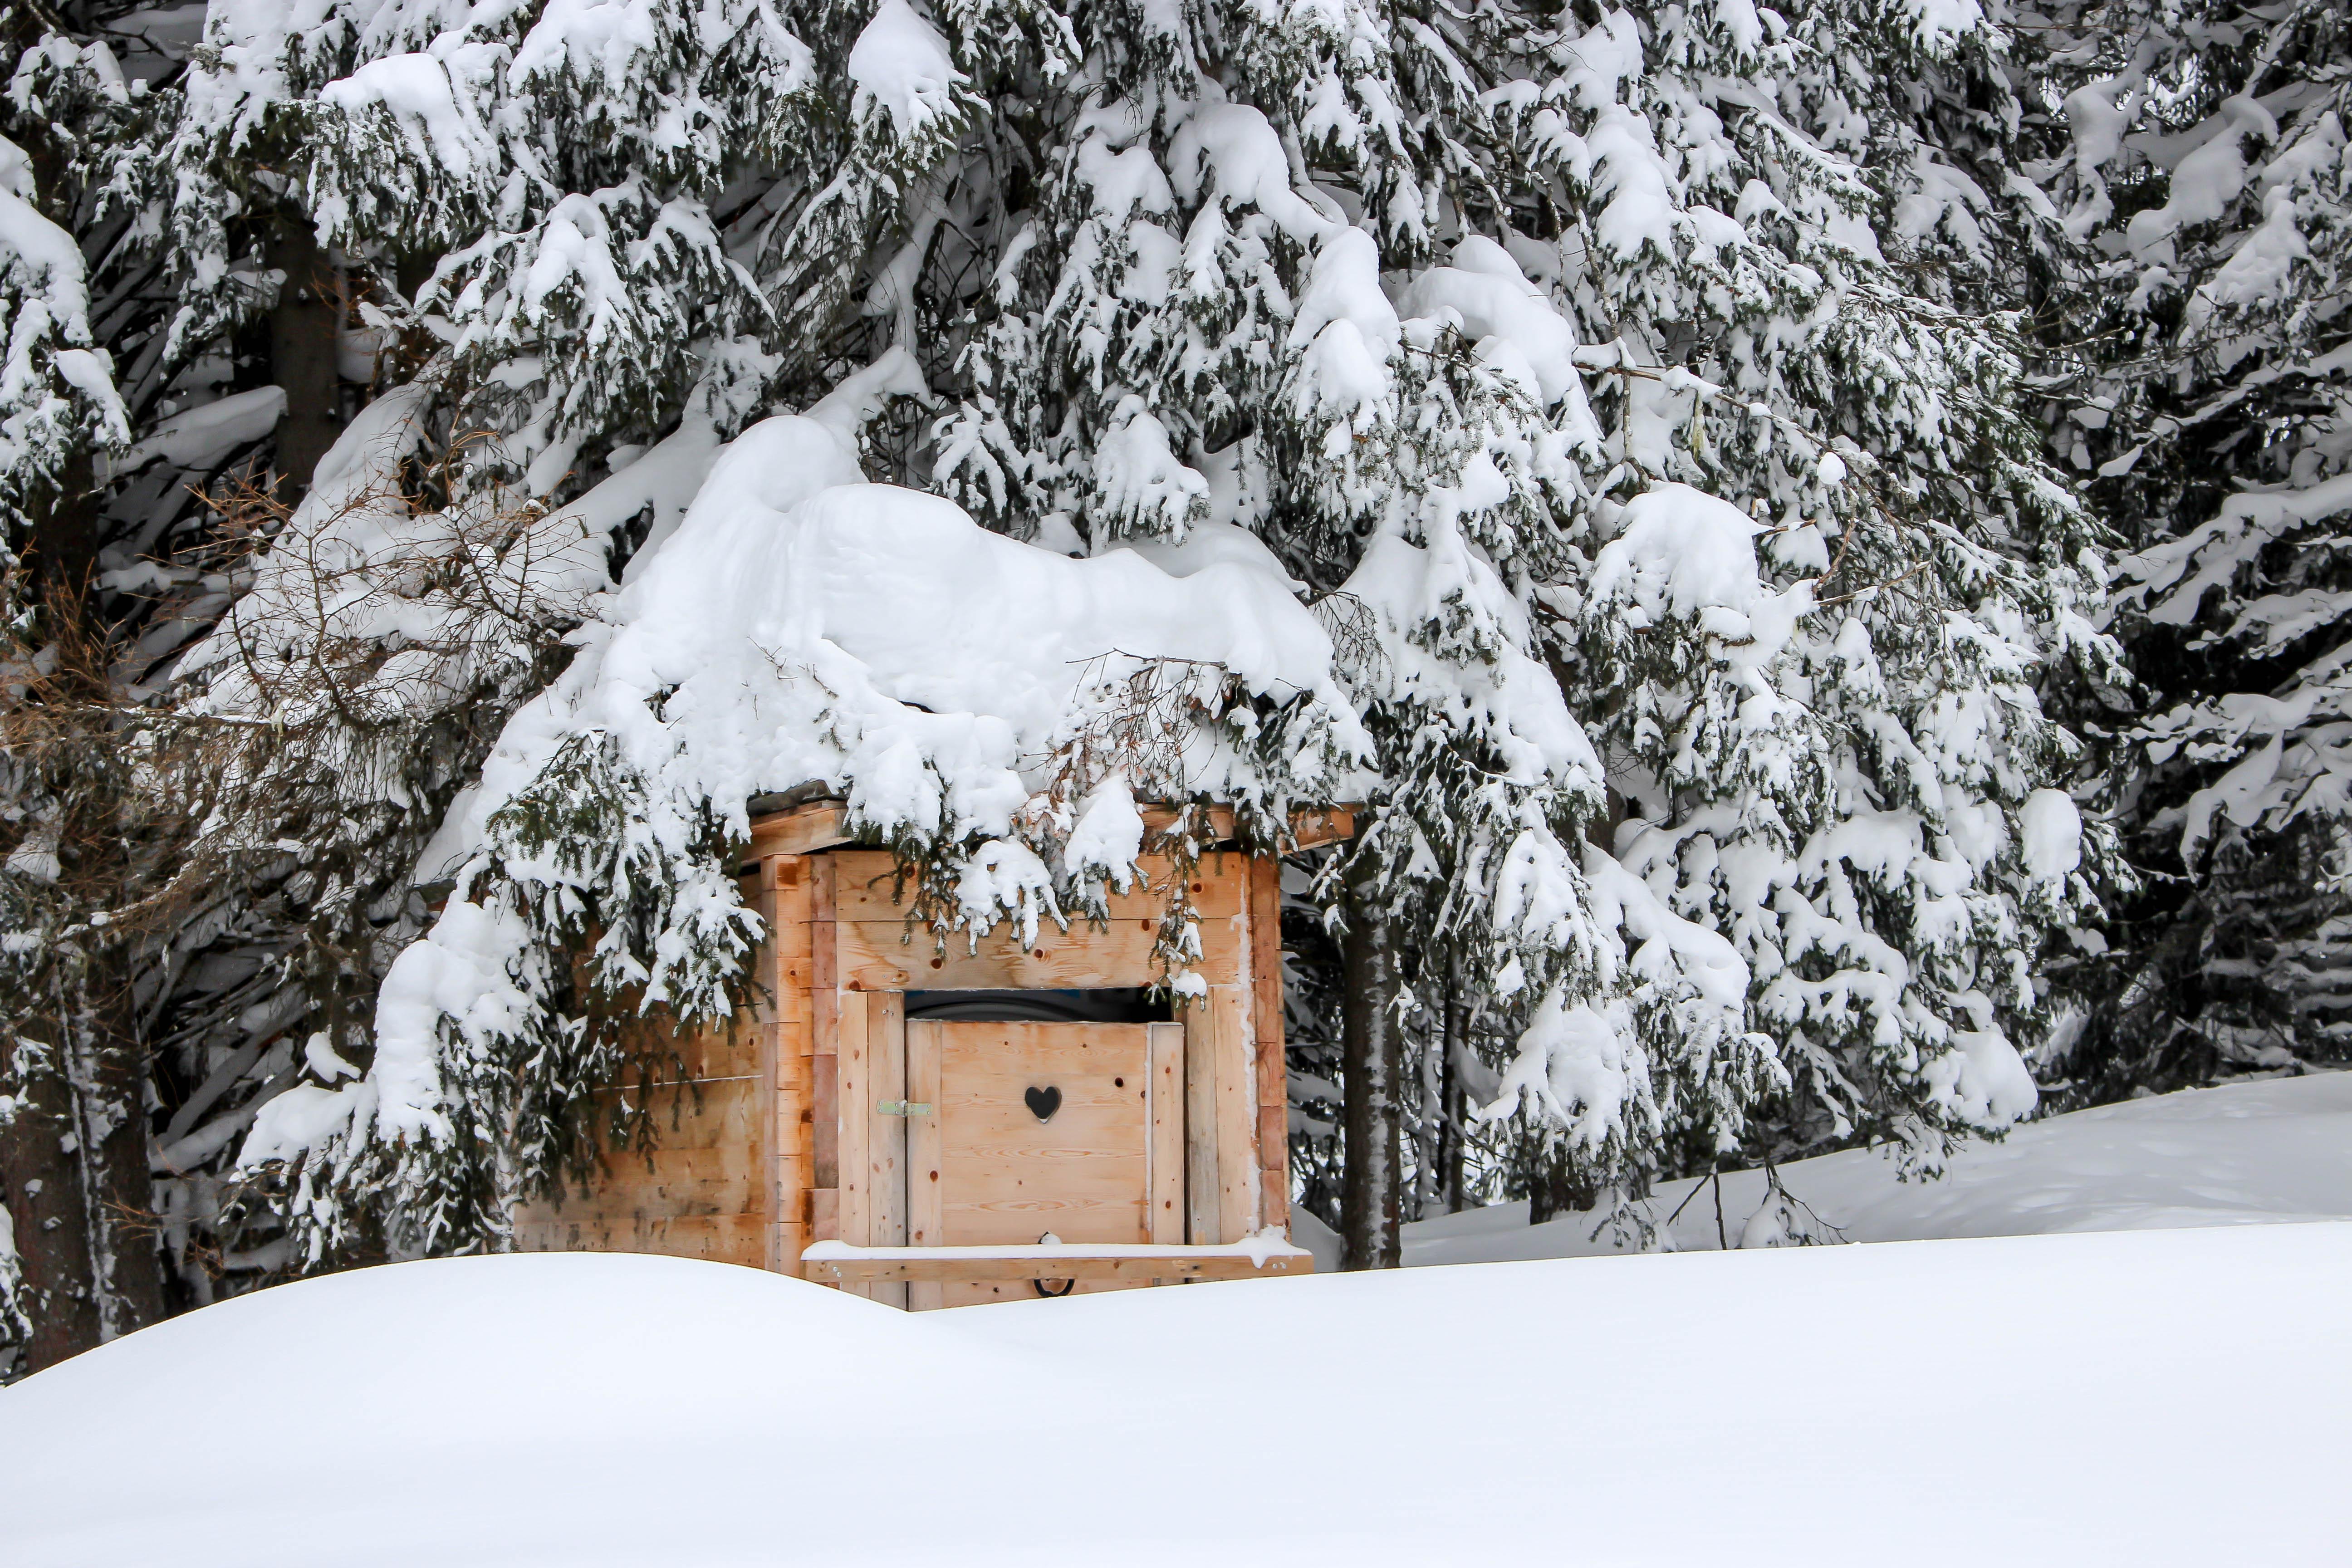 Schnee, Schnee und noch viel mehr Schnee!